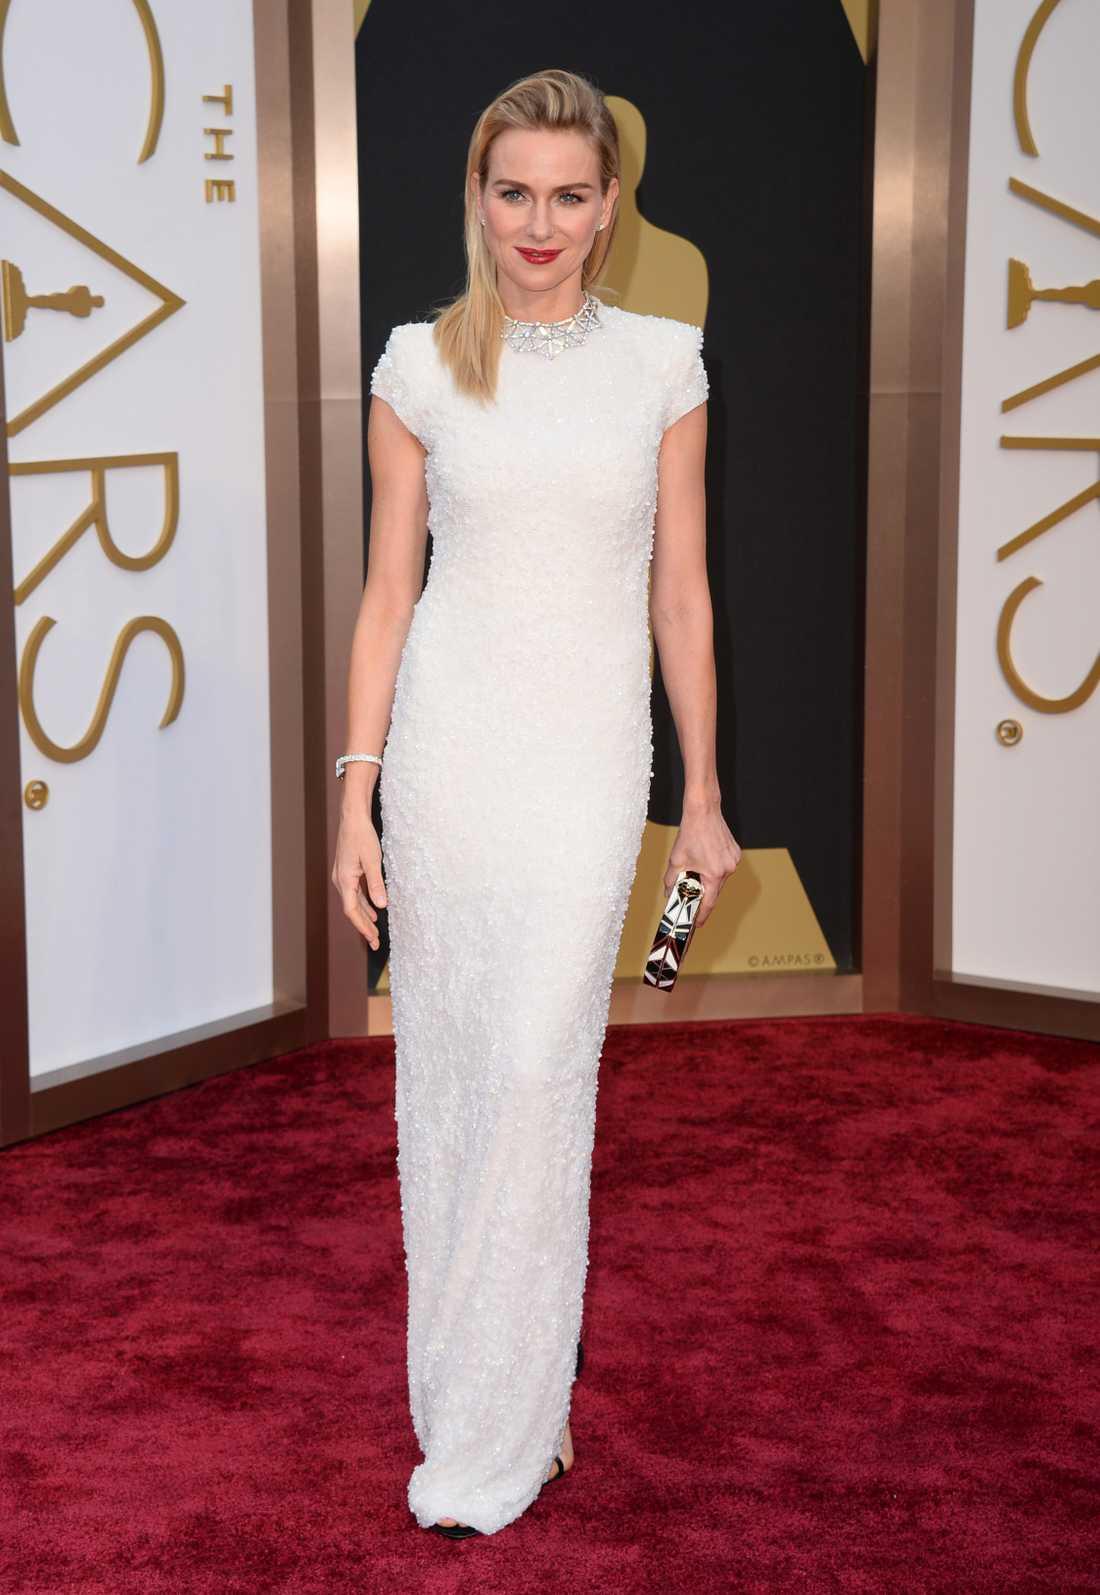 """++++ Naomi Watts: """"Klassiskt snyggt! Vitt och minimalistiskt men strassbeströdd så det ändå sticker ut, så himla smart från Calvin Klein Collection. Superelegant med den lilla ärmen gör att profilen får en väldigt snygg form. Dessutom tjusig detalj med silverkrage!"""""""